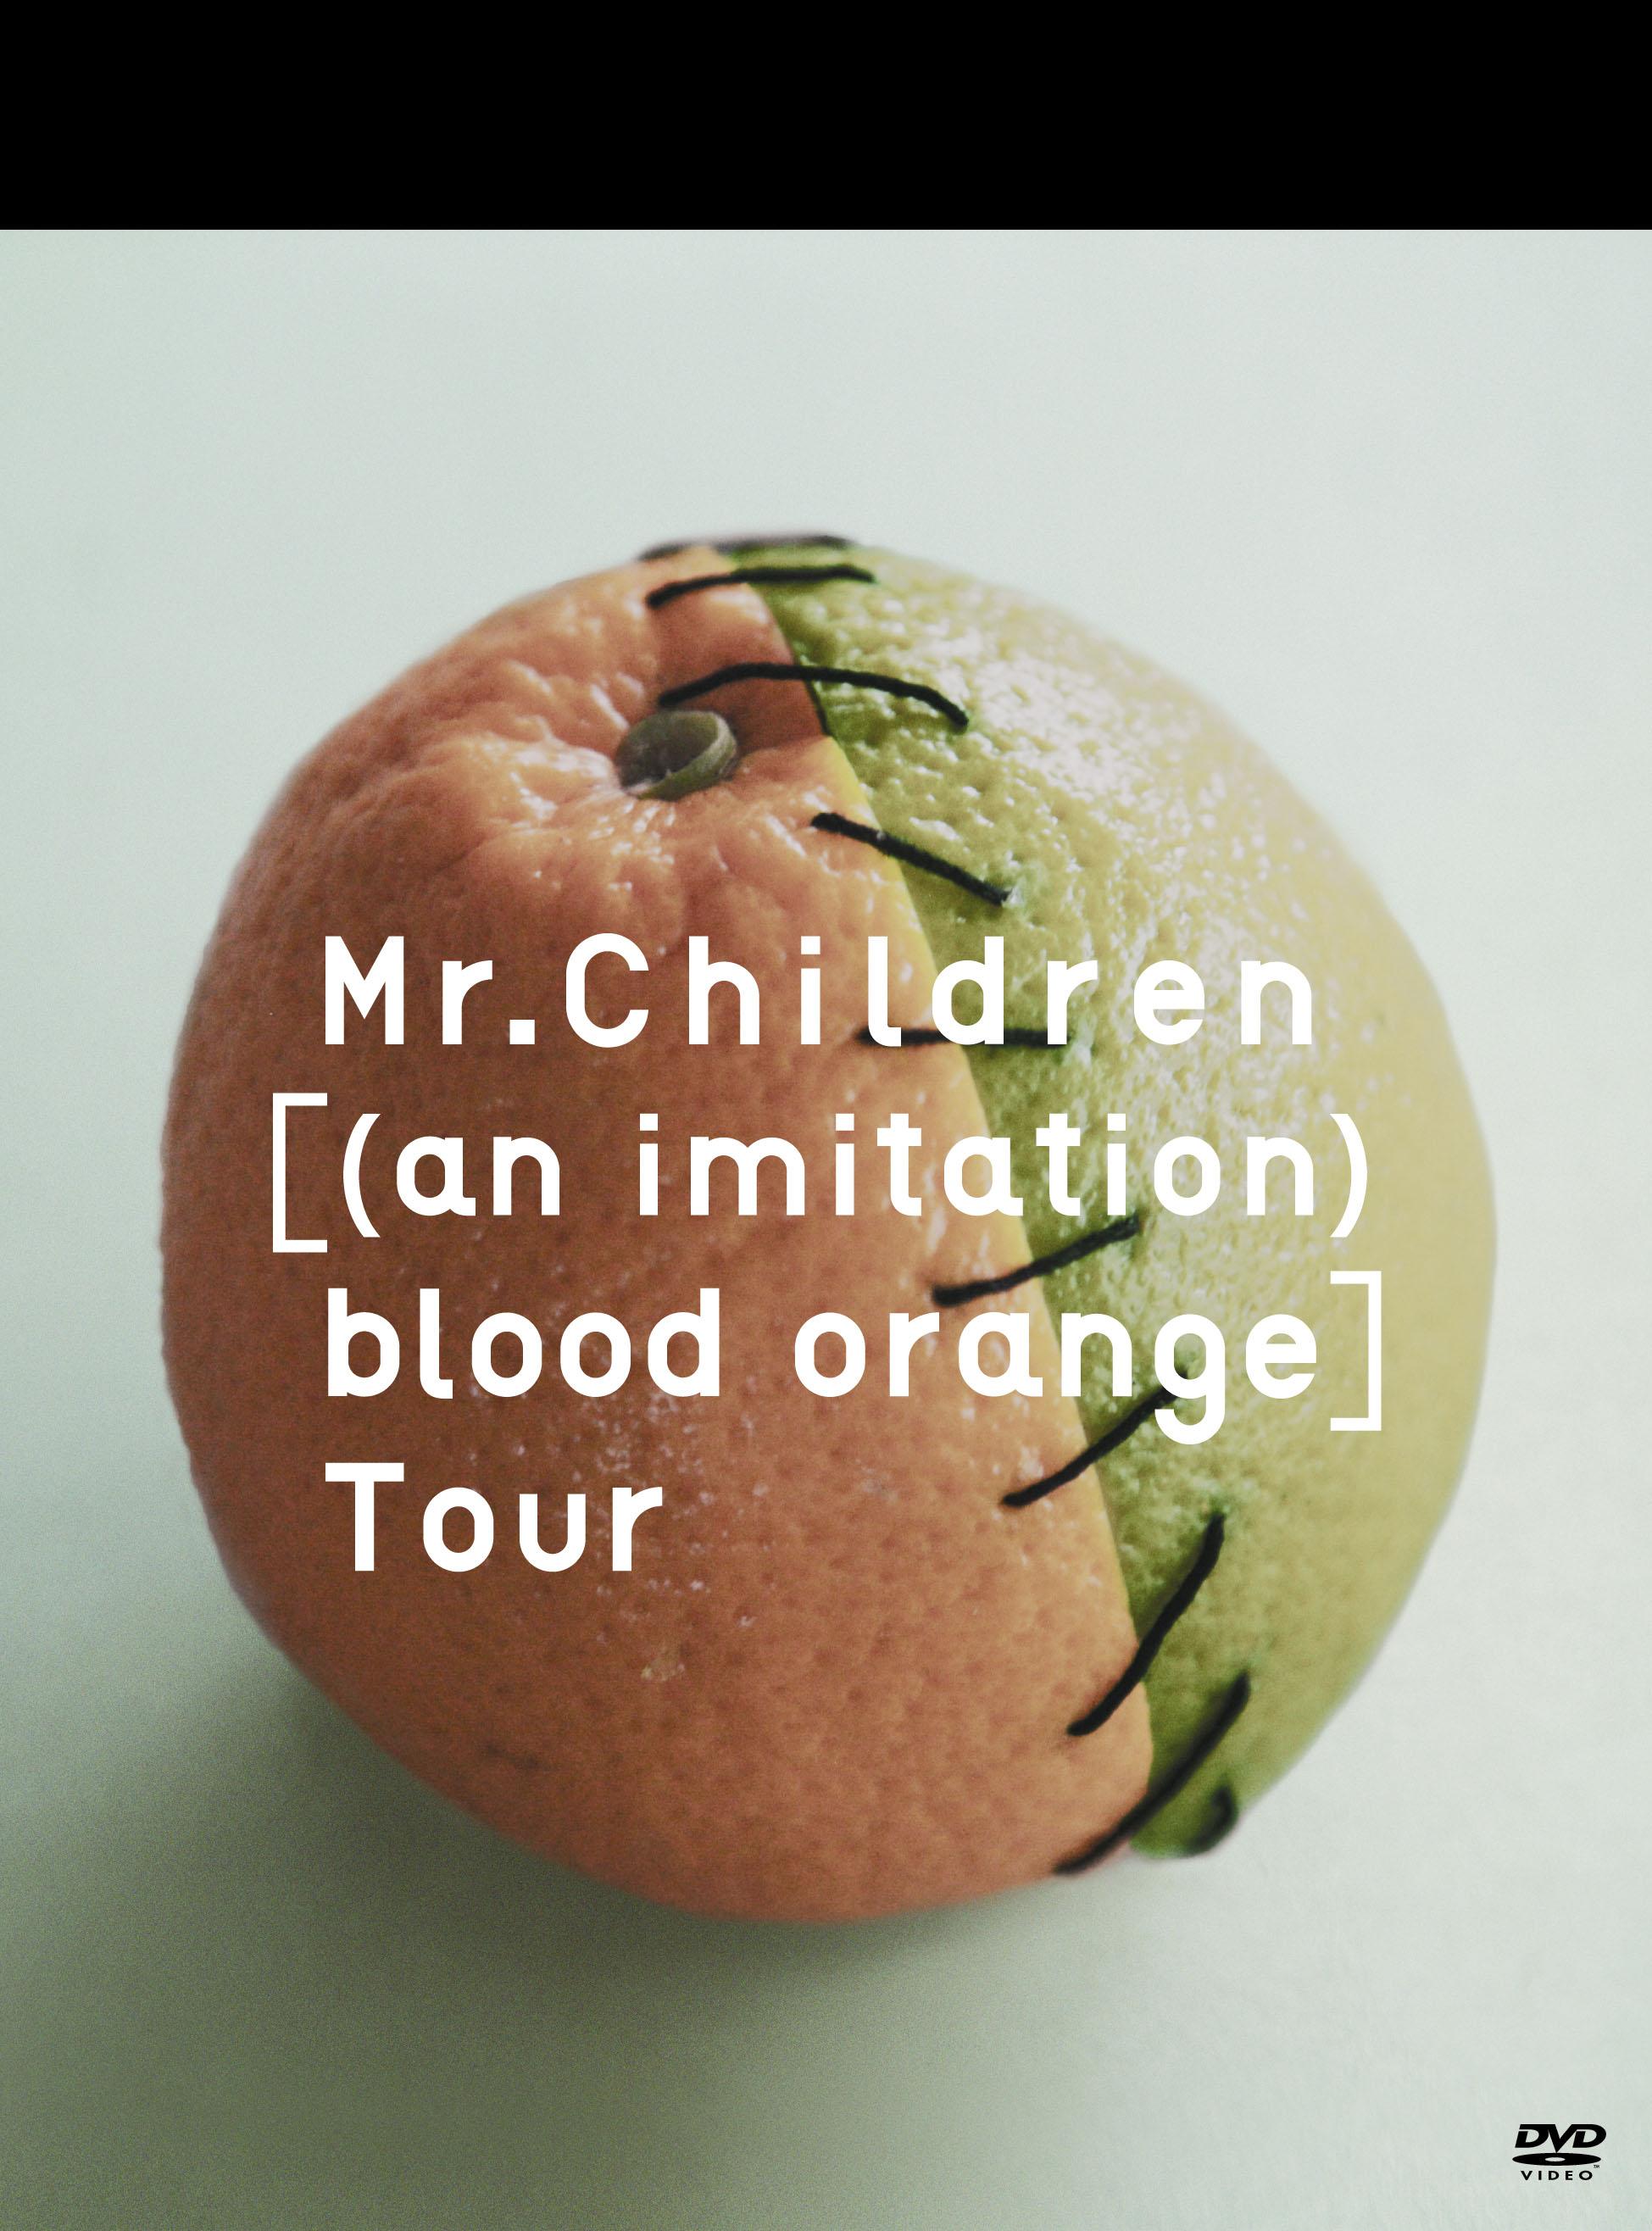 Mr Childrenのナゴヤドーム公演が映像作品化 東京ドームのライブ音源